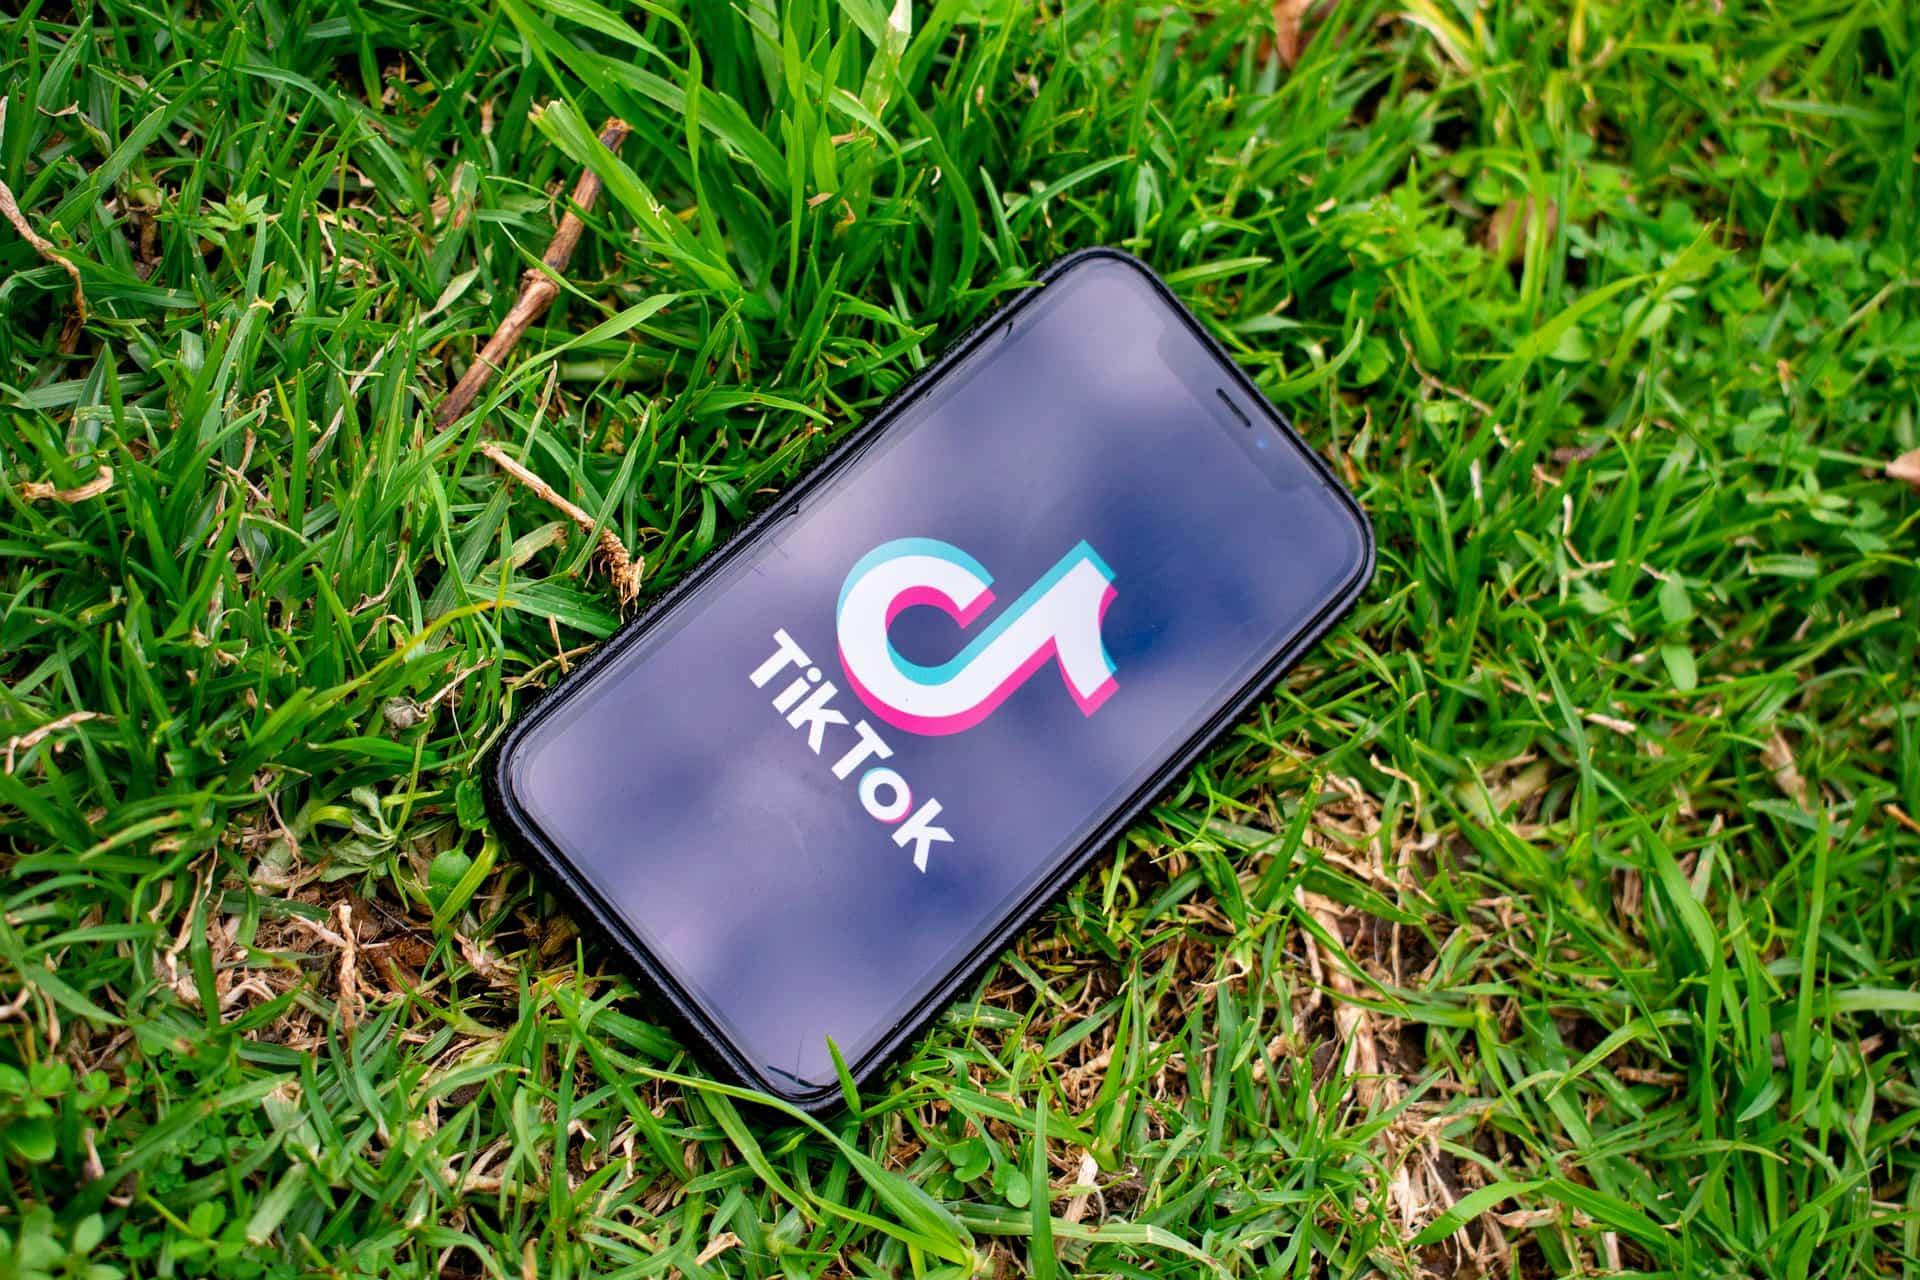 L'Inde bannit 59 jeux et applications mobiles d'origine chinoise, dont TikTok